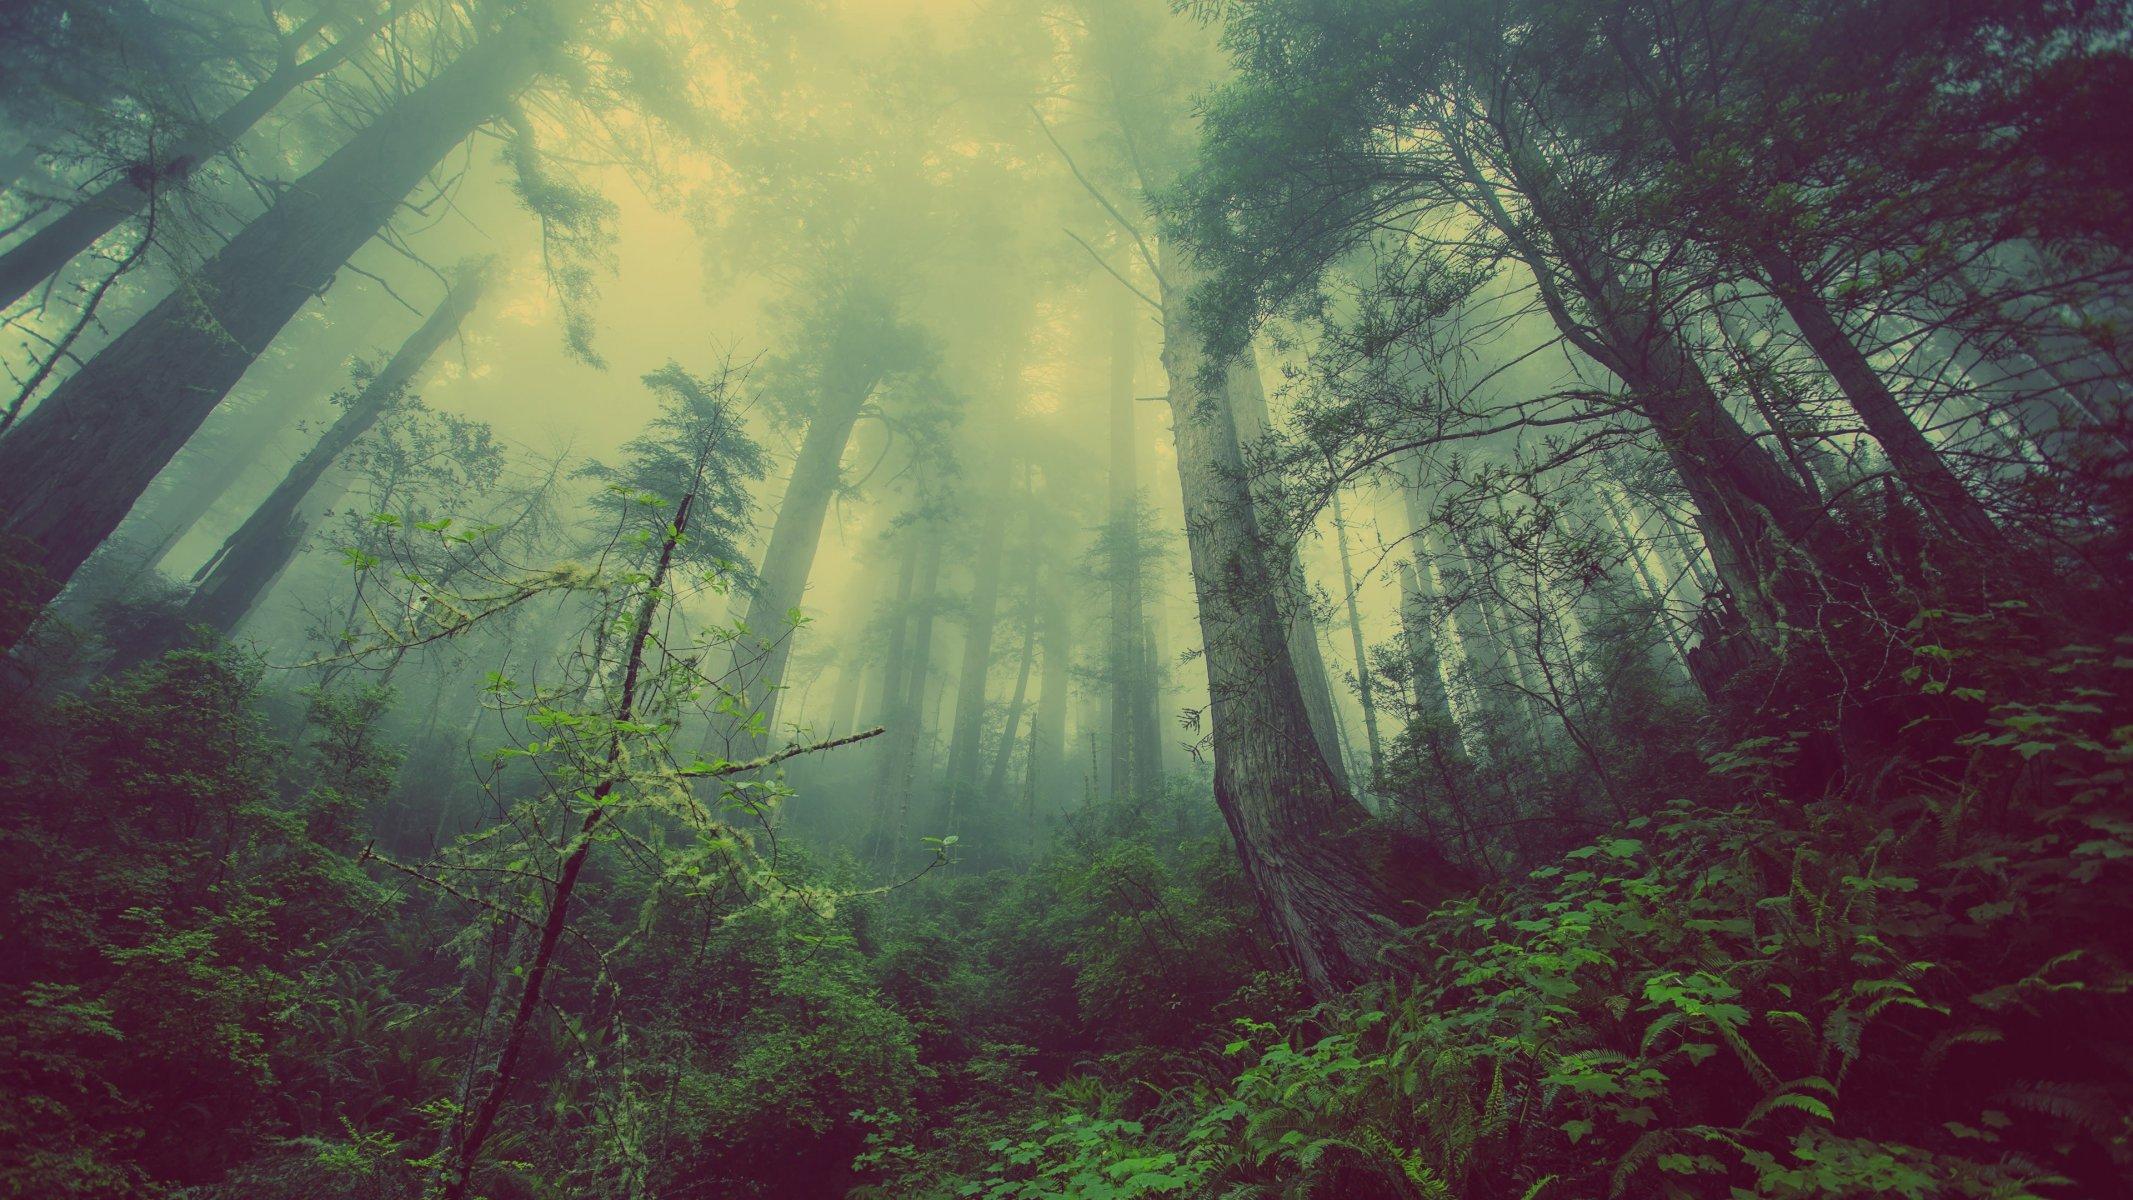 Trees, forest, deer, night, jungle, light, darkness, butterflies, fantasy, screenshot, habitat, natural